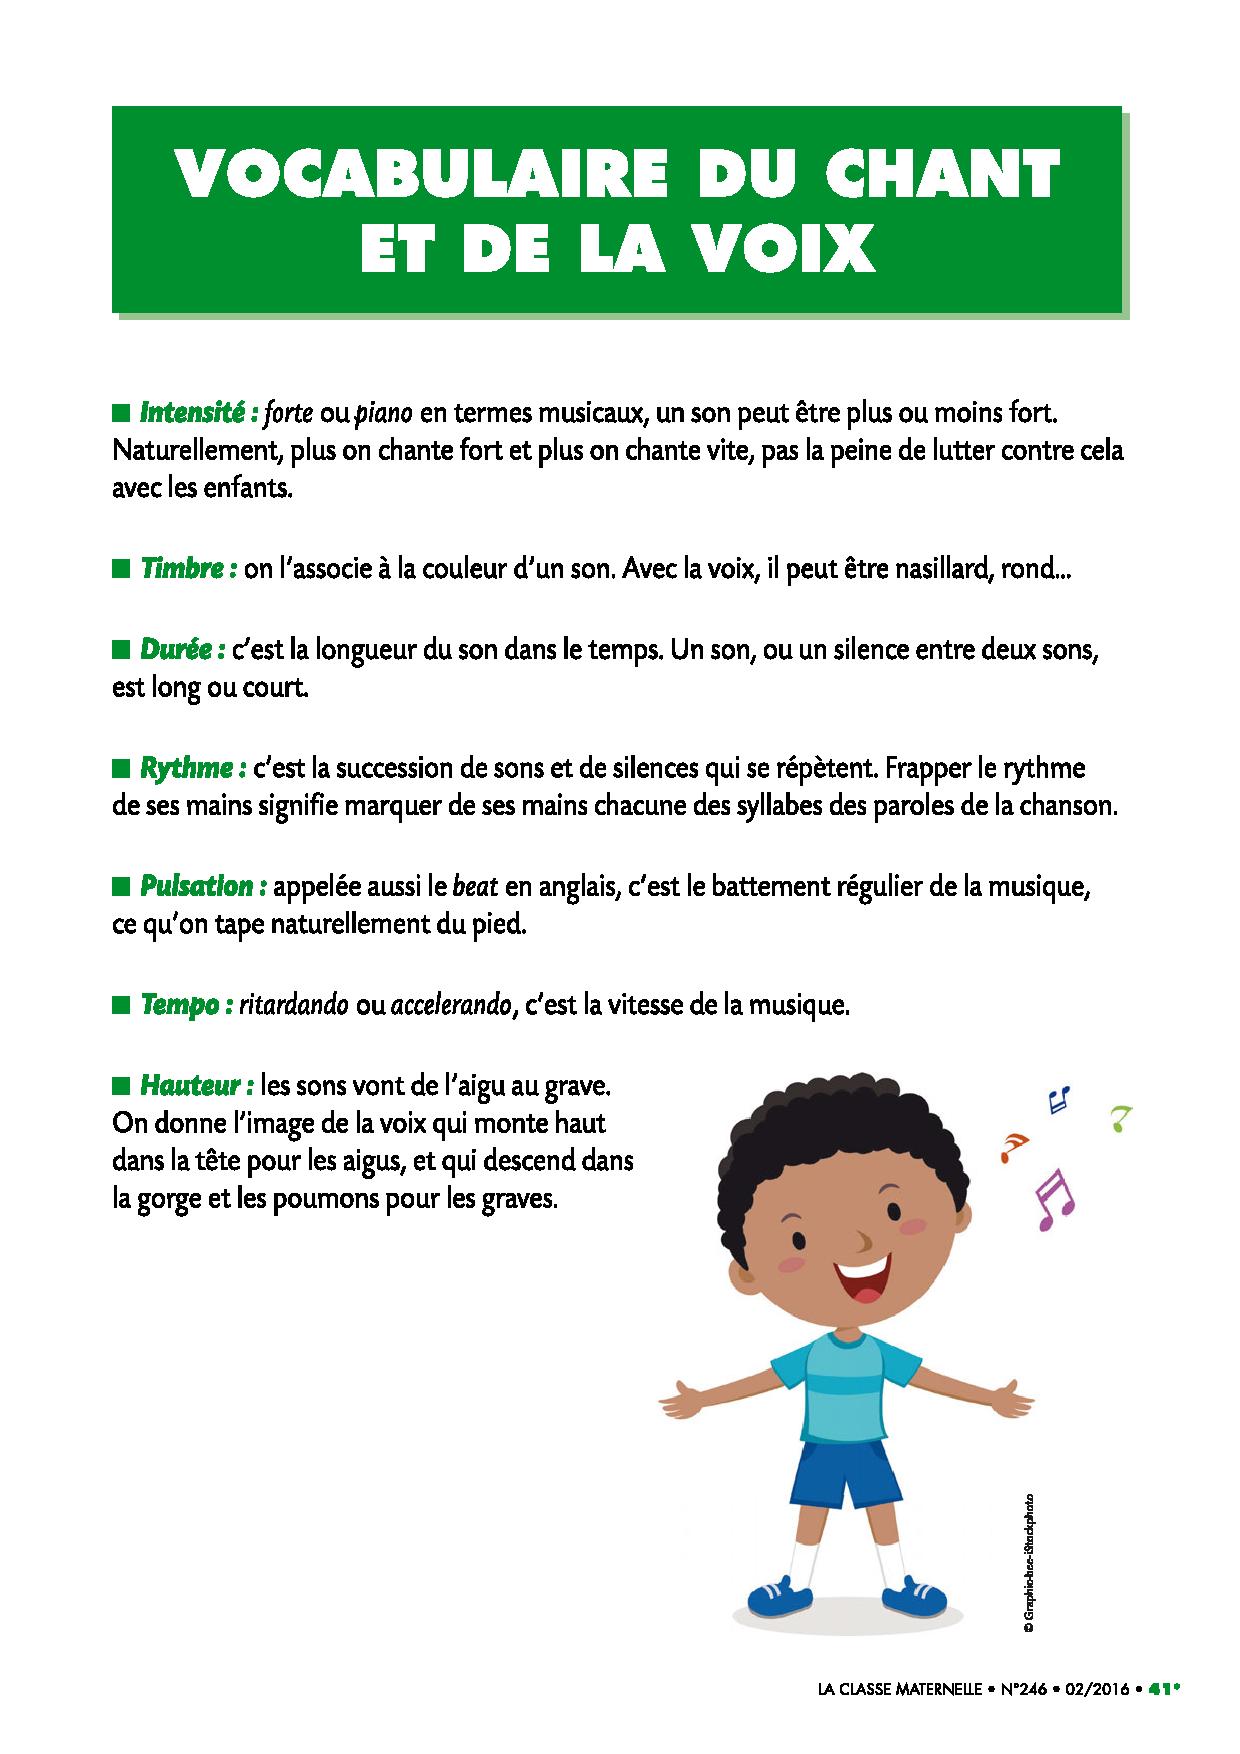 Un Referent Pour Connaitre Et Comprendre Le Vocabulaire De La Voix Intensite Rythme Pulsa Education Musicale Enseignement De La Musique Apprendre La Musique